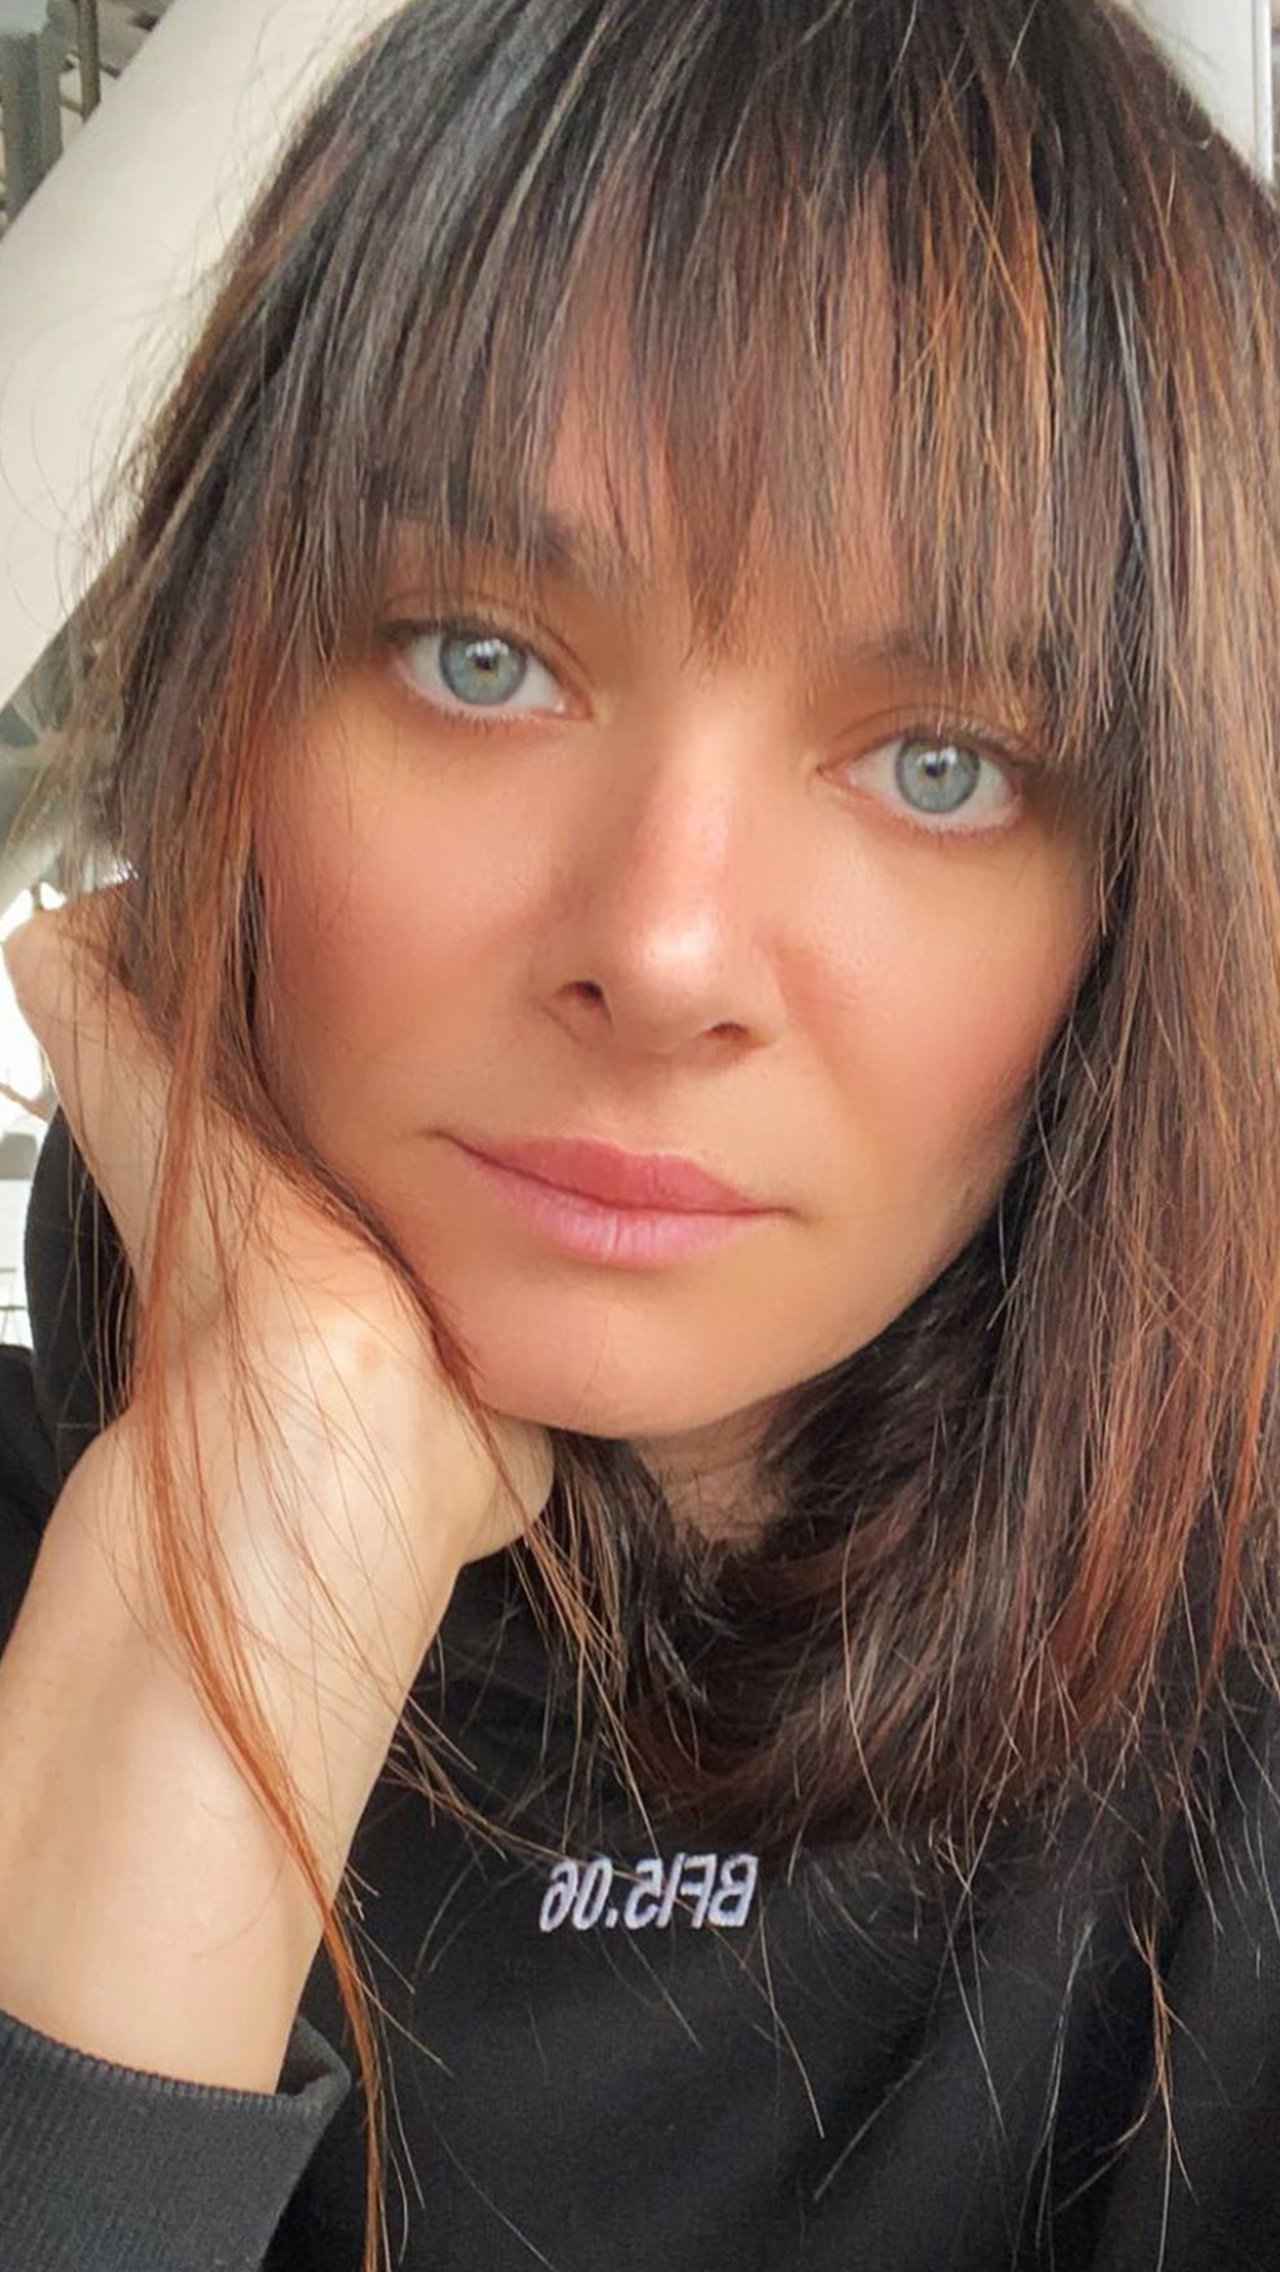 Елена активна в соцсетях: она нередко выкладывает фотографии своих домашних тренировок и мотивирующие записи, а также активно общается со своими подписчиками.